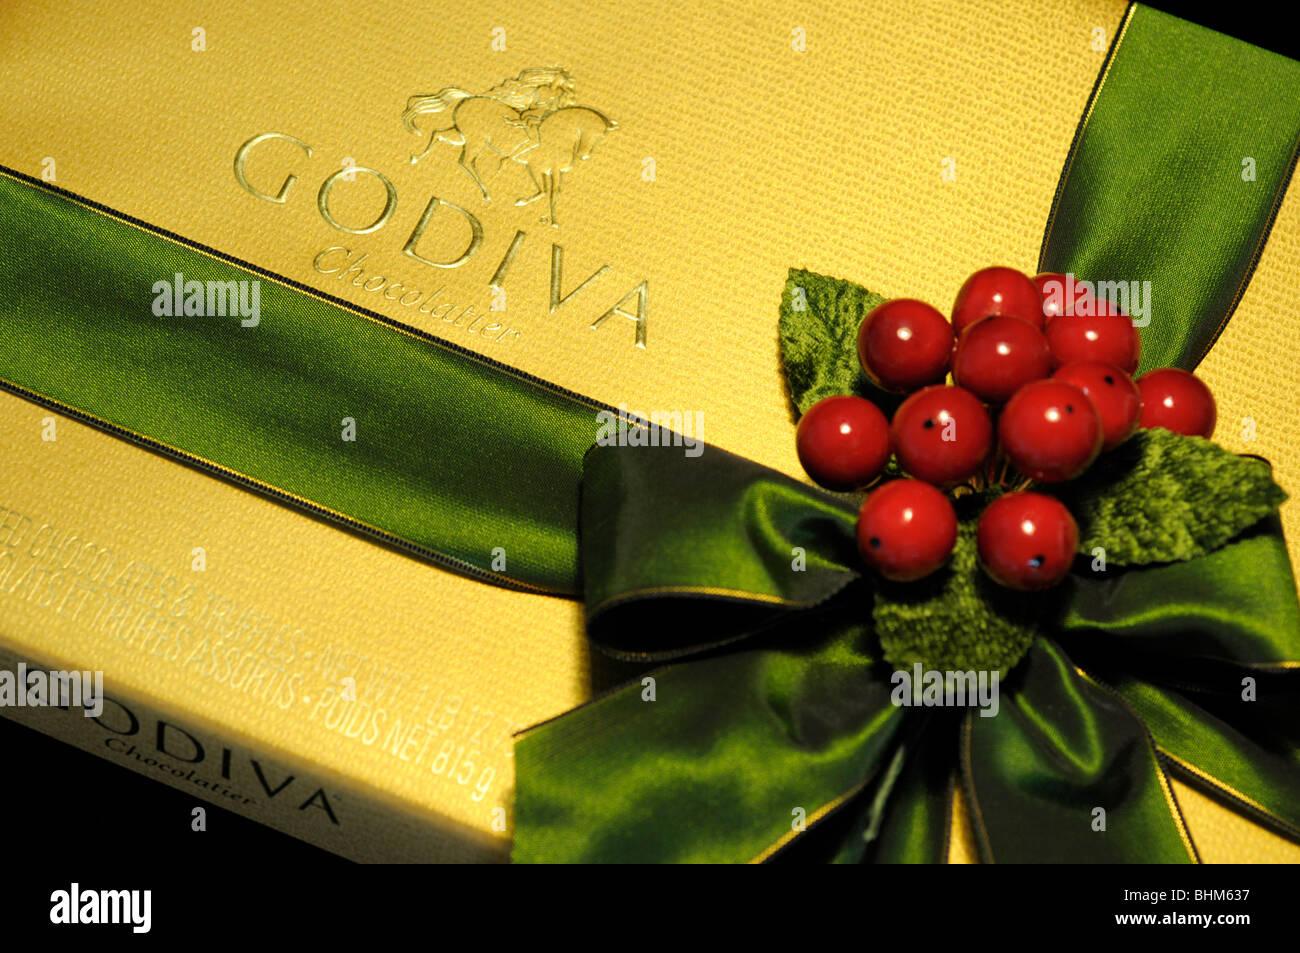 Schachtel Pralinen Weihnachtsgeschenk verpackt Stockbild